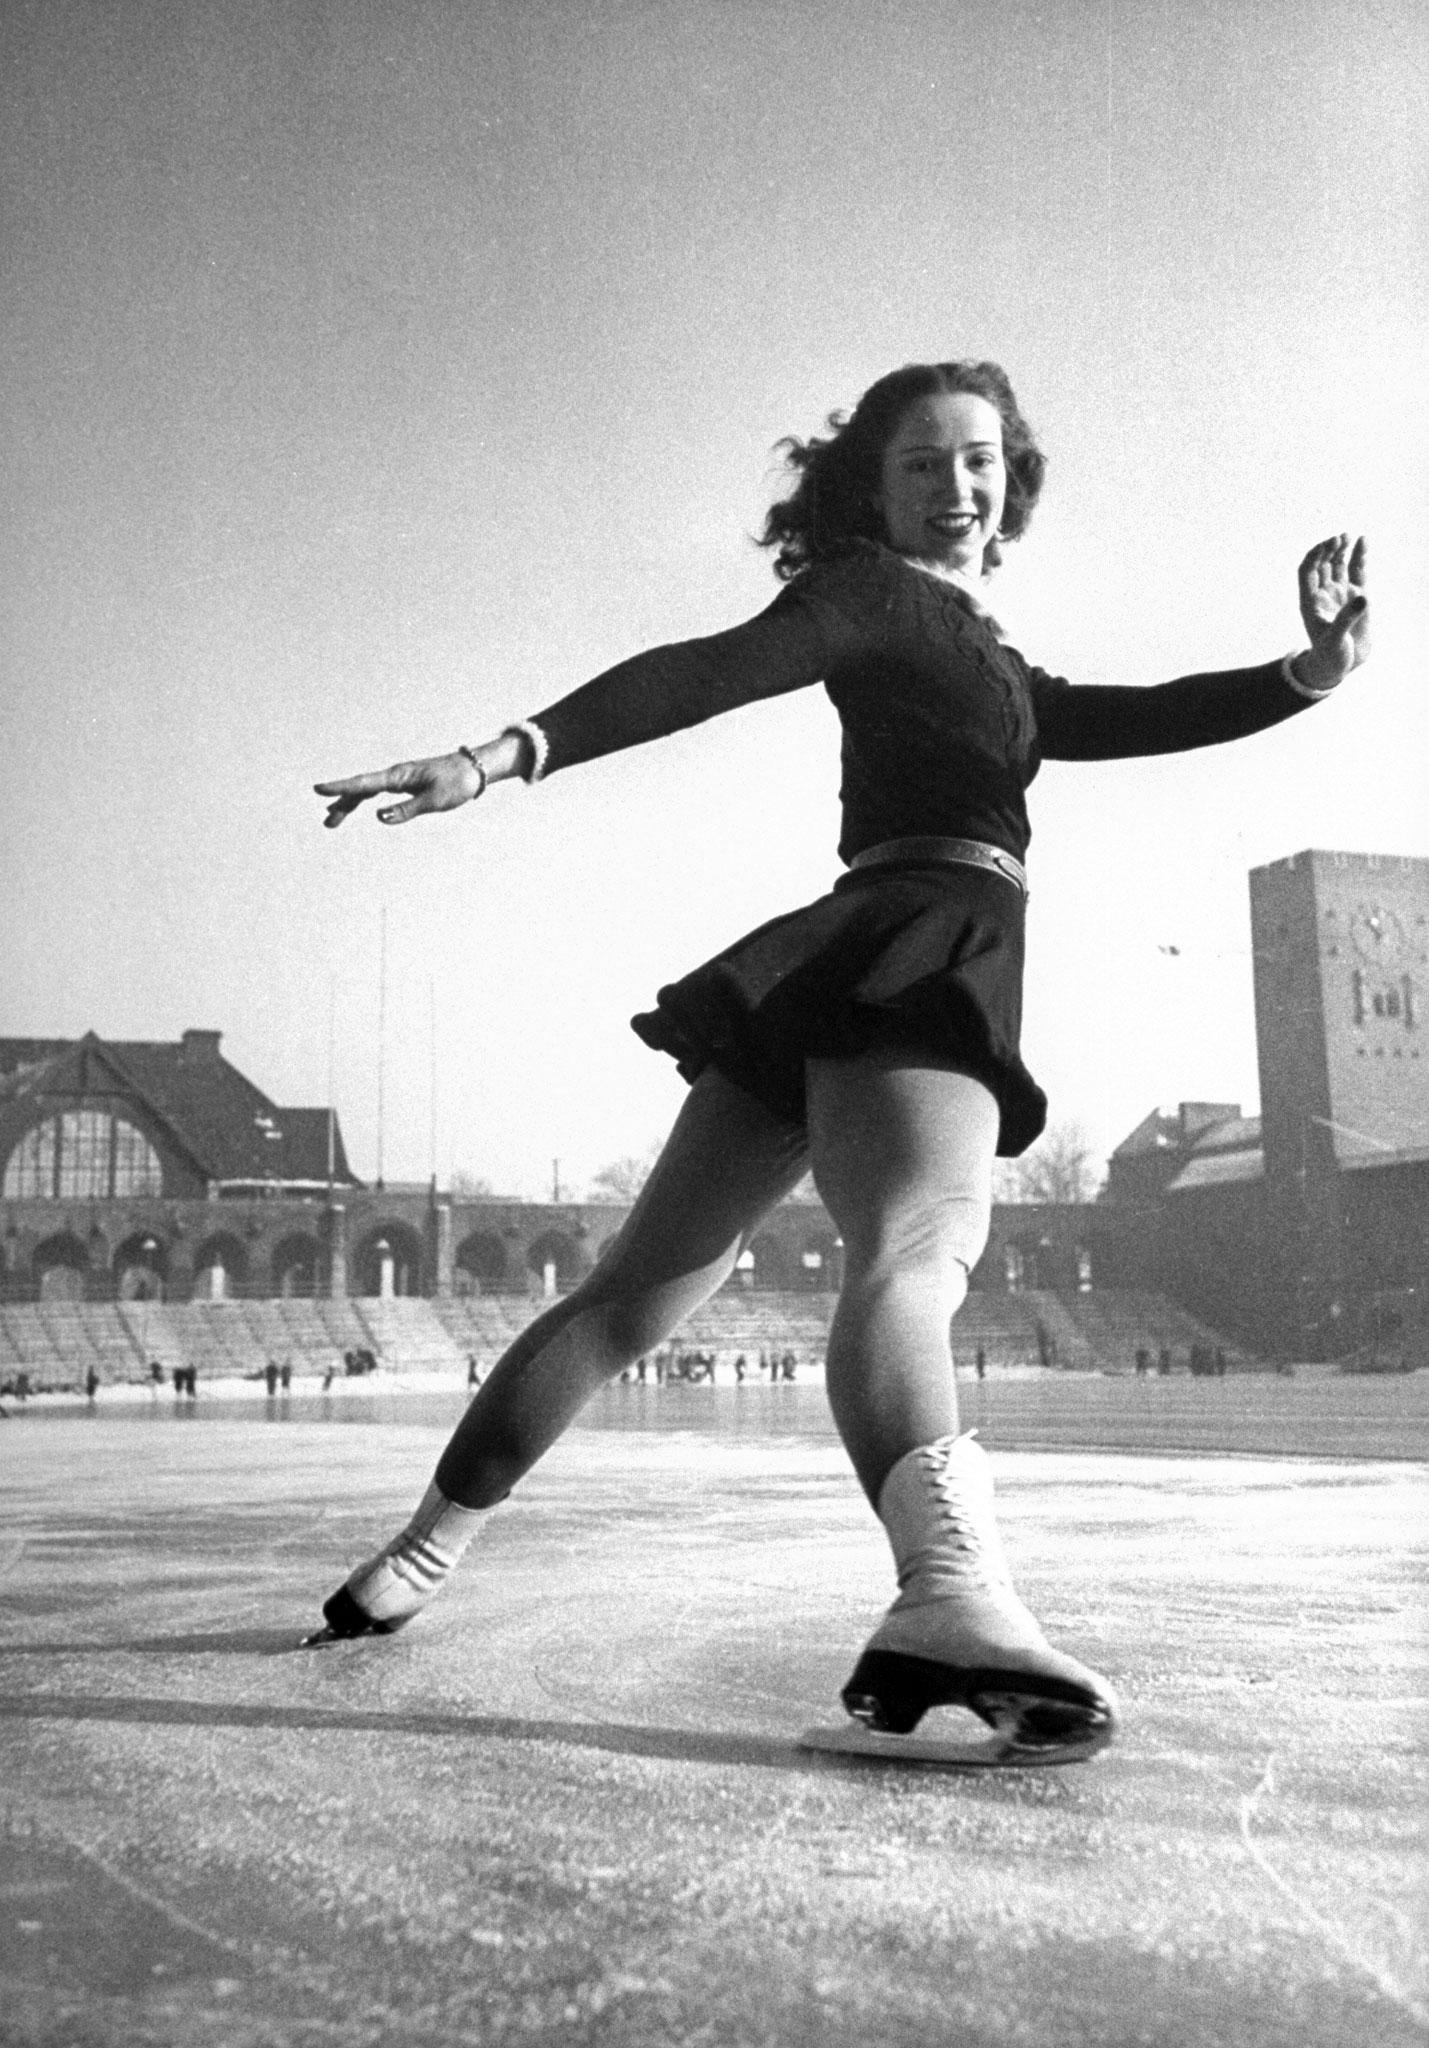 World Figure Skating Championship in Stockholm, Sweden, 1947.